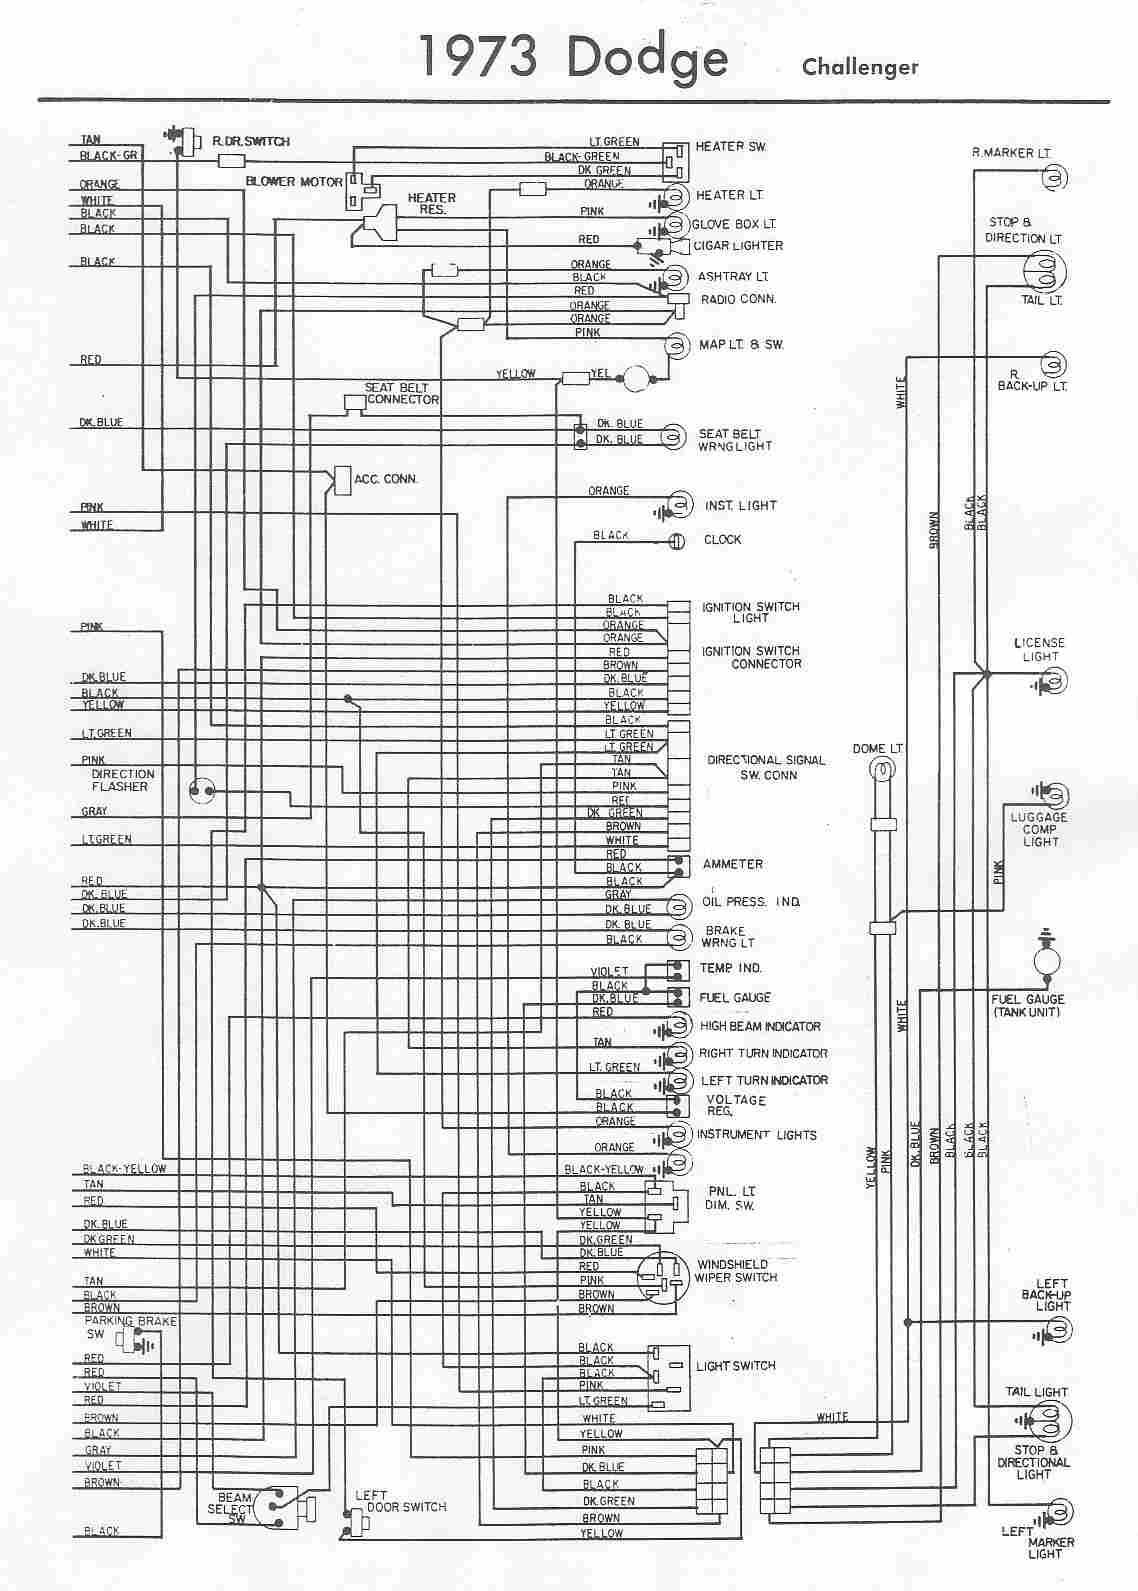 Dodge Challenger Wiring Diagram - Somurich.com